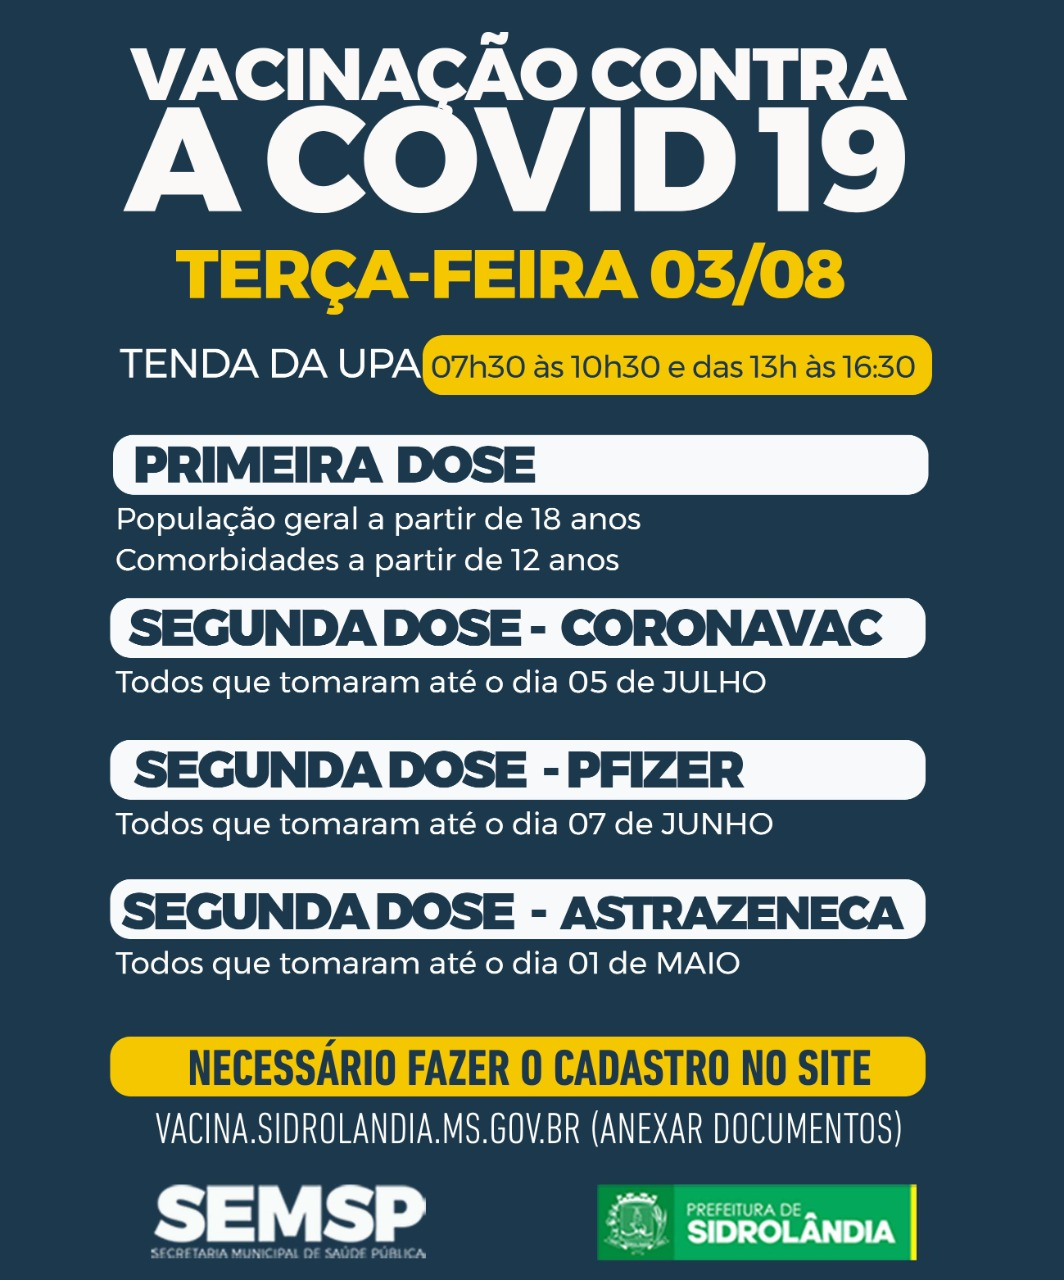 Saúde faz mutirão nesta terça-feira da 1ª e 2ª dose da CoronaVac, Pfizer e Astrazeneca